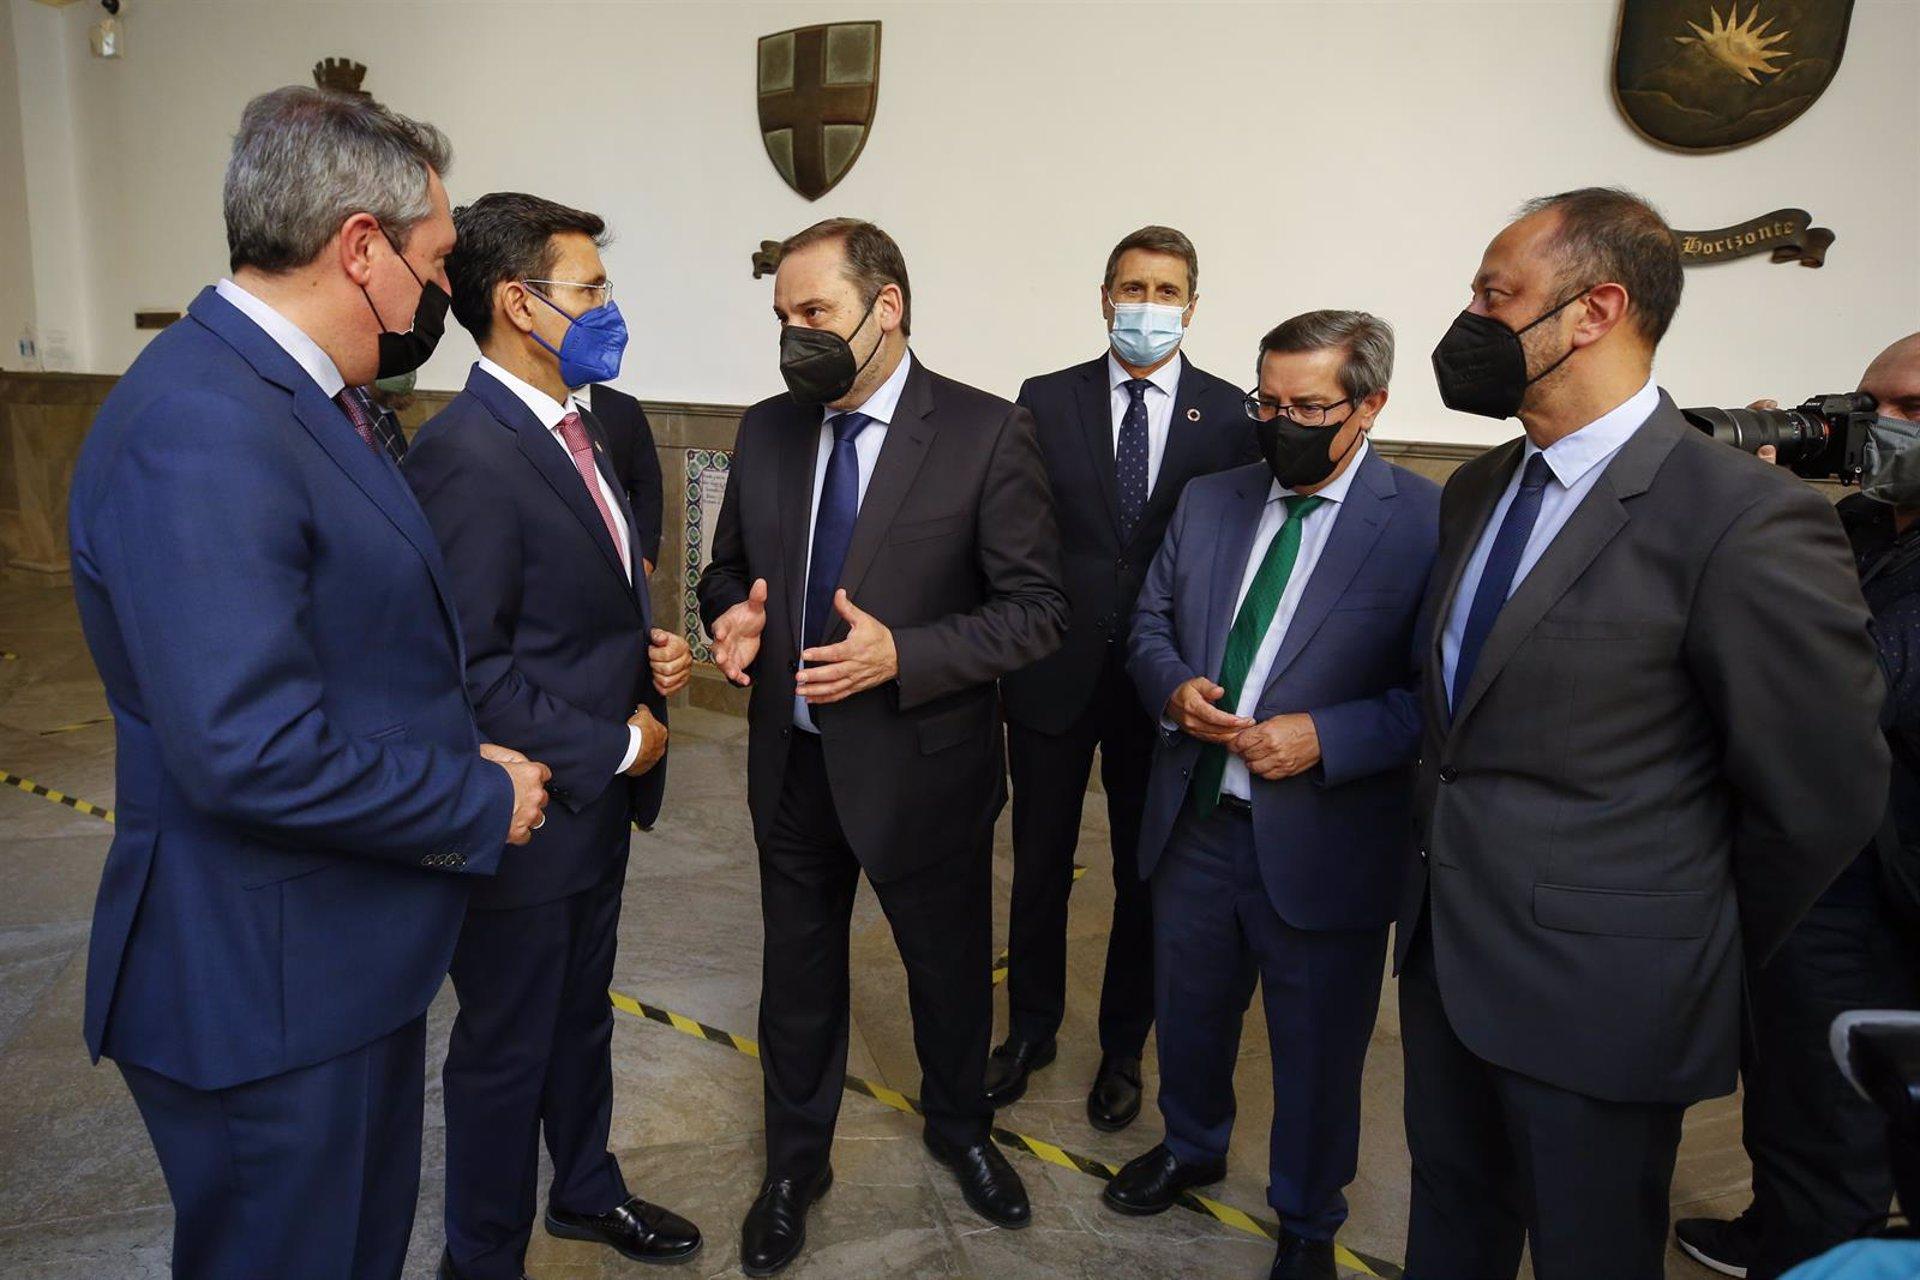 Ábalos afirma que con la investidura de Cuenca como alcalde se «recupera la normalidad» en Granada